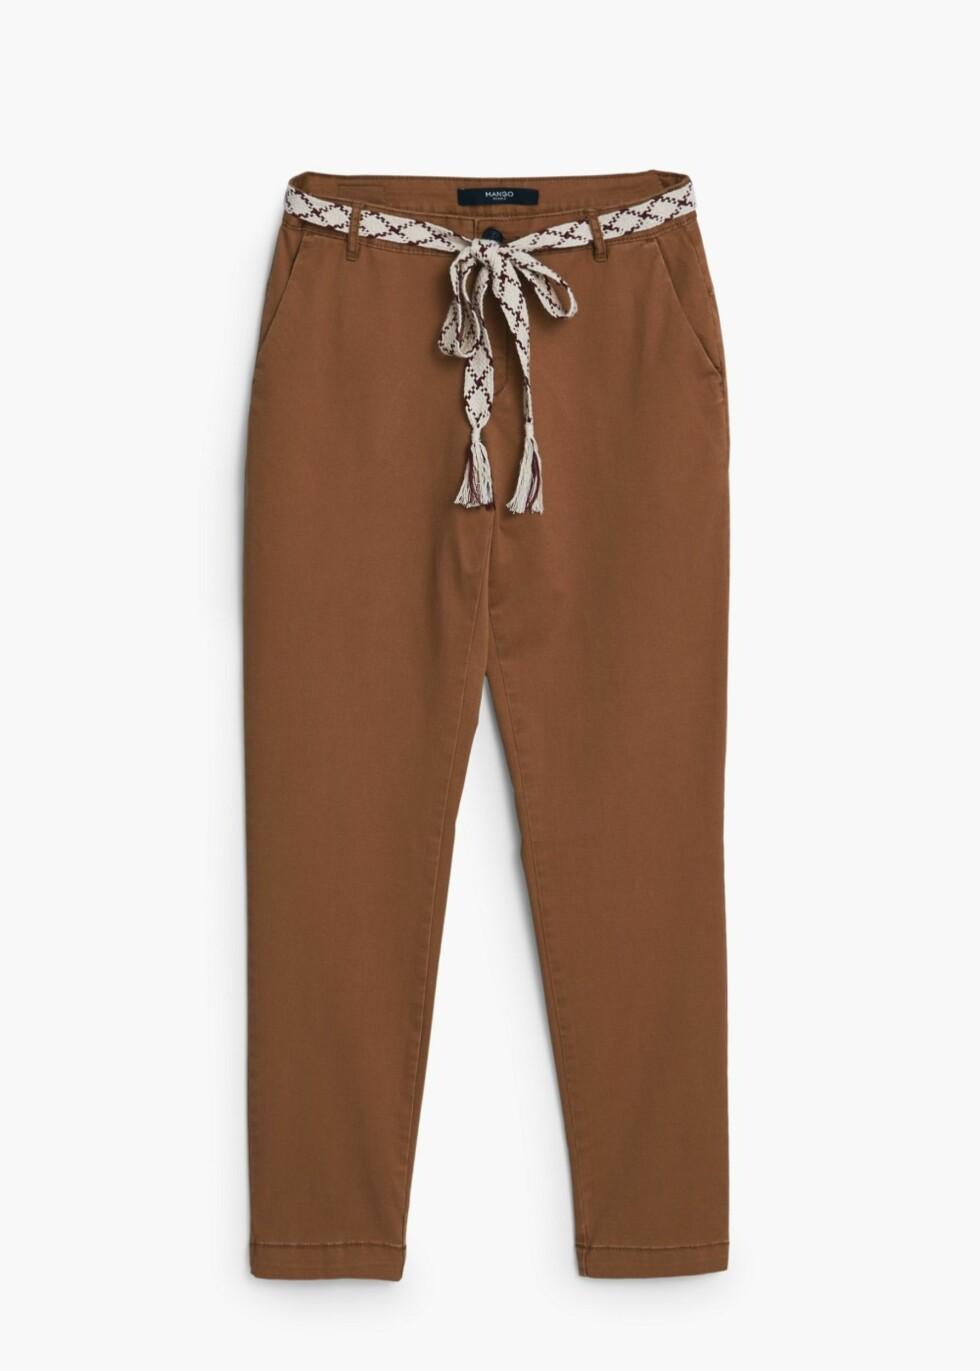 Bukse fra Mango, kr 299. Foto: Produsenten